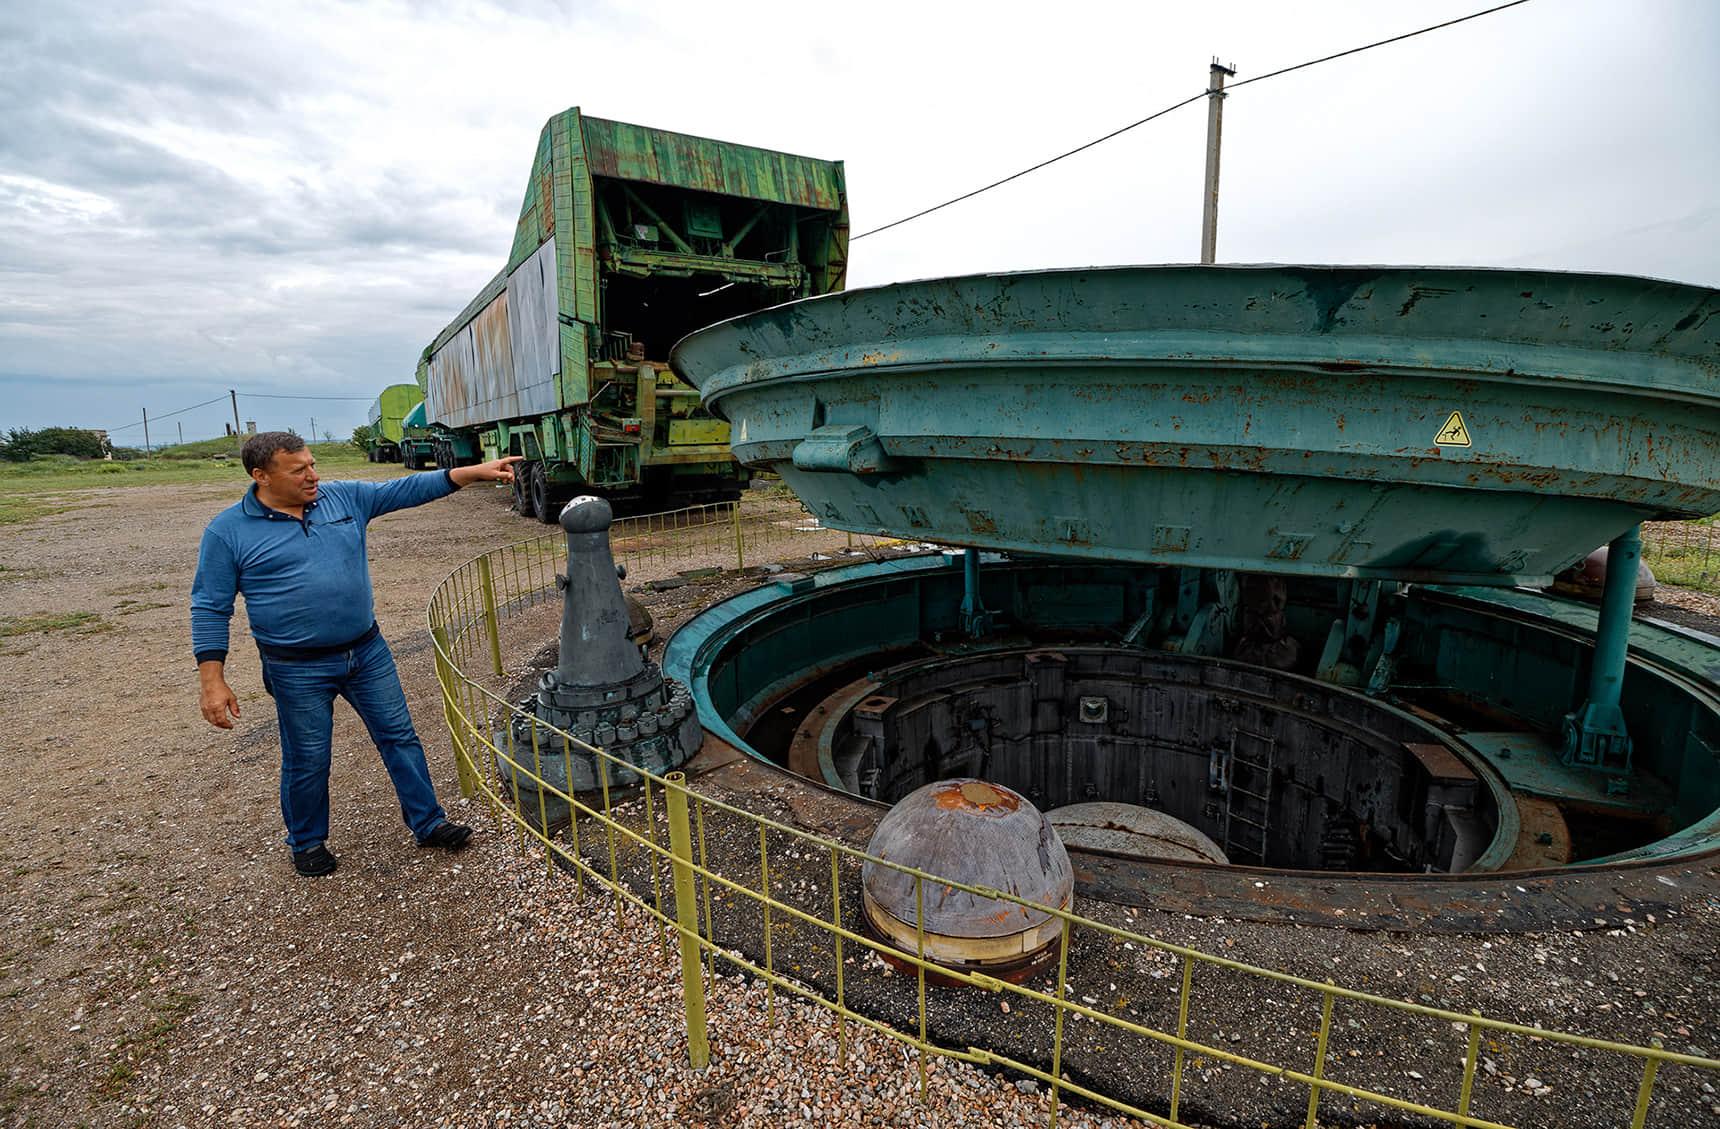 В 90-х все 40-метровые ракетные шахты в Украине залили бетоном. На этом объекте оставили шесть метров от поверхности, чтобы показывать туристам, как он выглядел